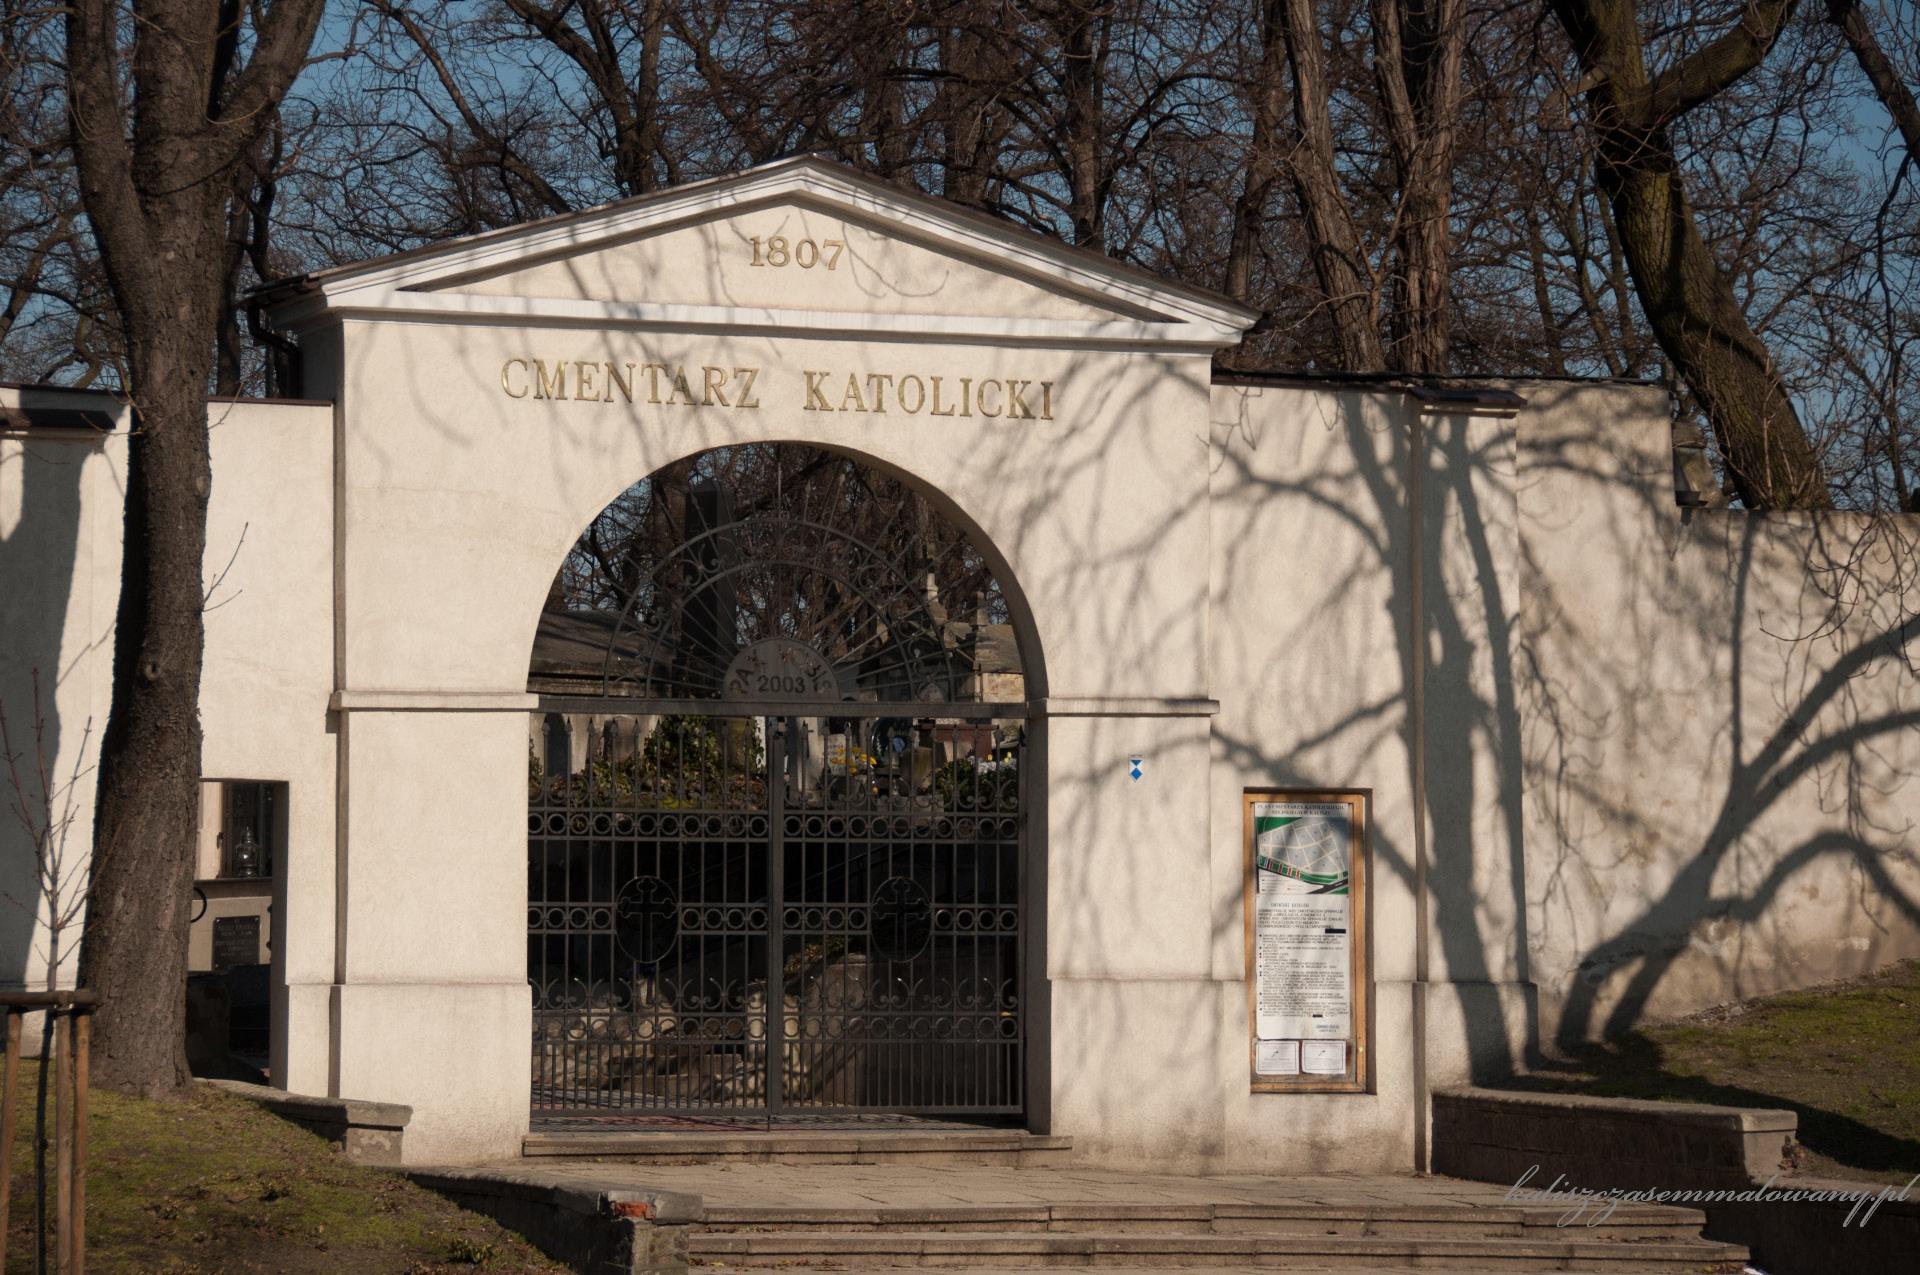 Cmentarz_katolicki_Rogatka-46